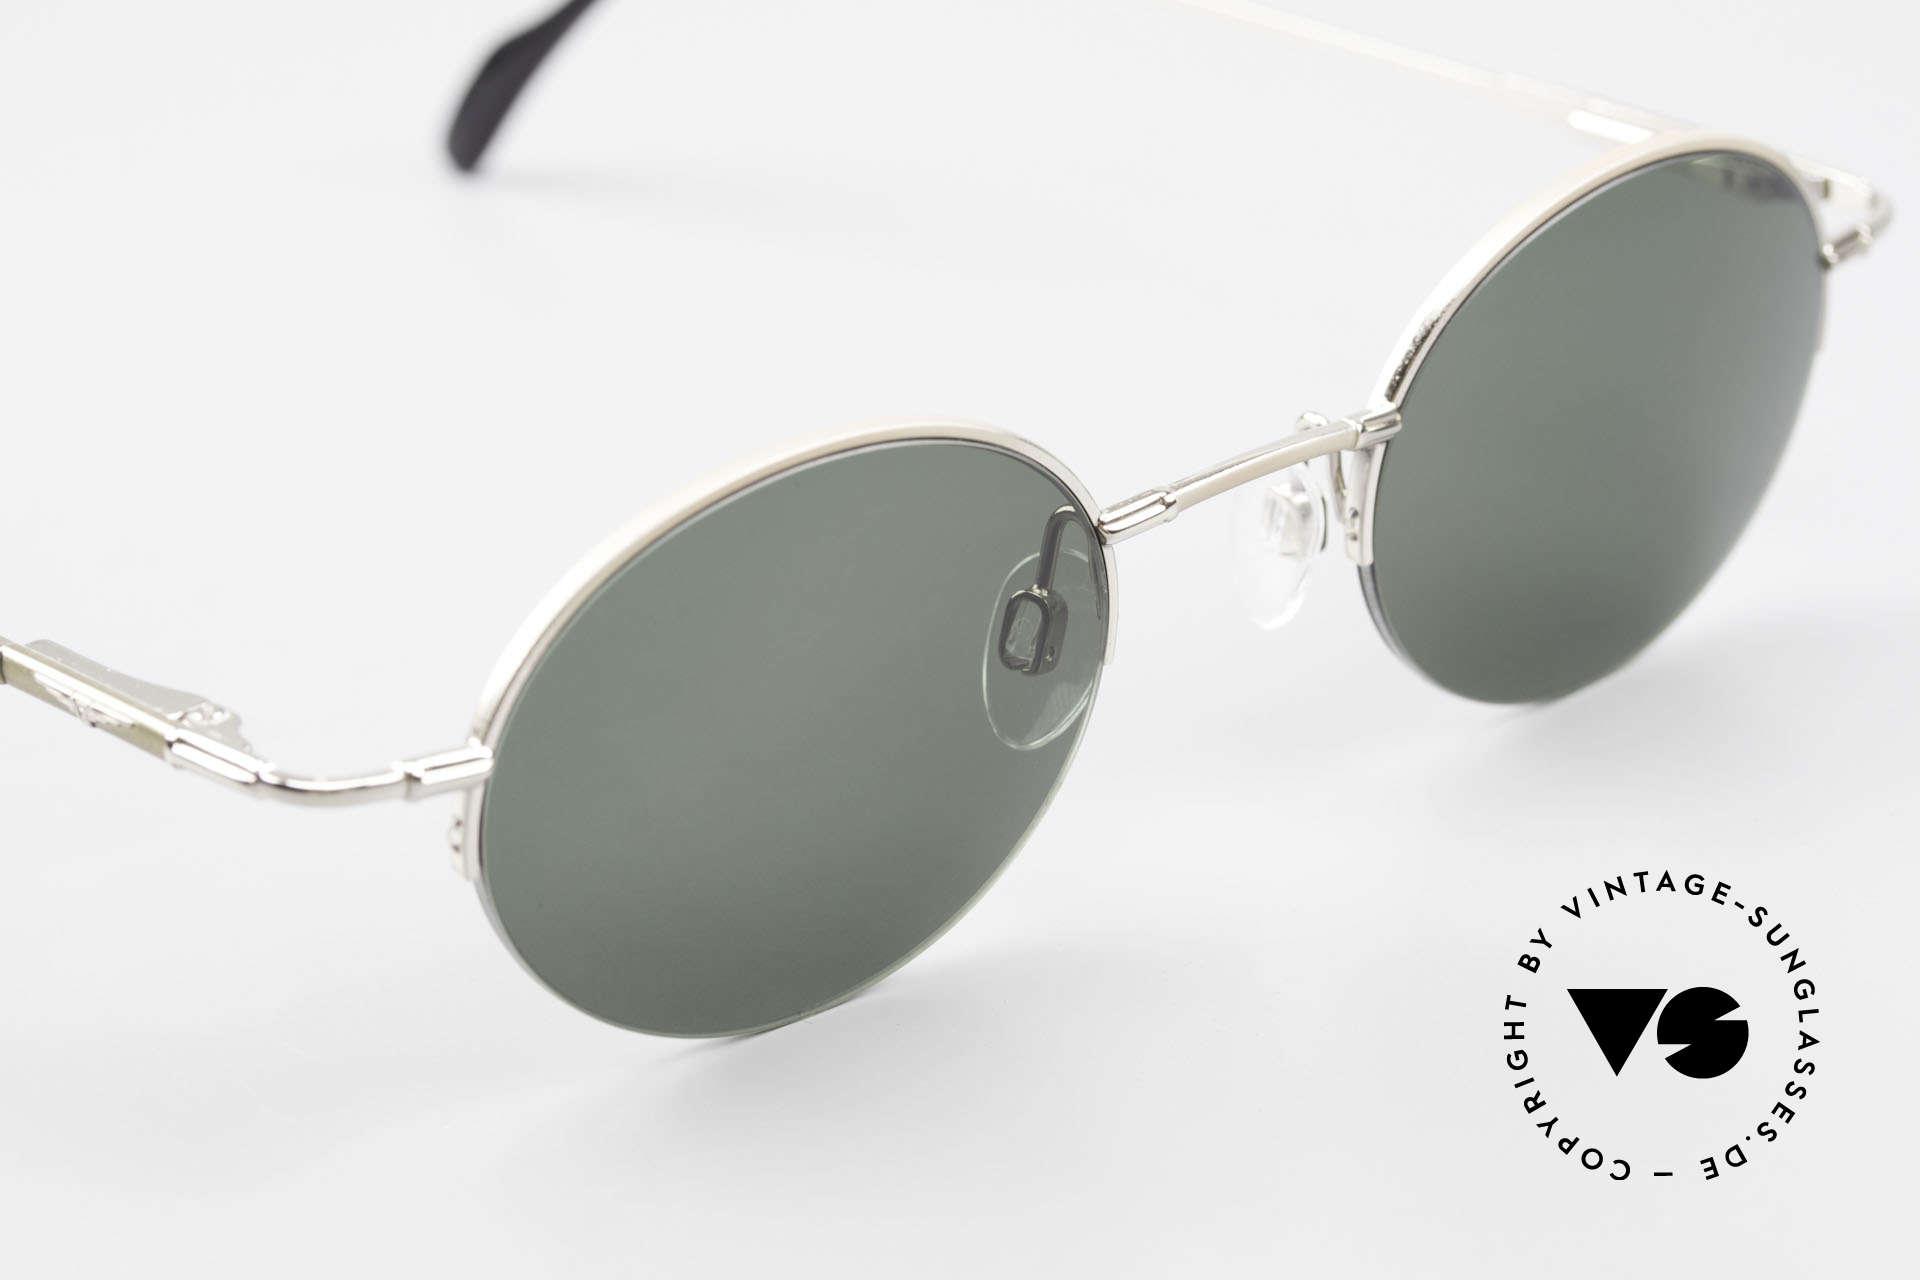 Longines 4363 Rund Ovale Sonnenbrille 90er, ungetragen (wie alle unsere ovalen 90er Sonnenbrillen), Passend für Herren und Damen